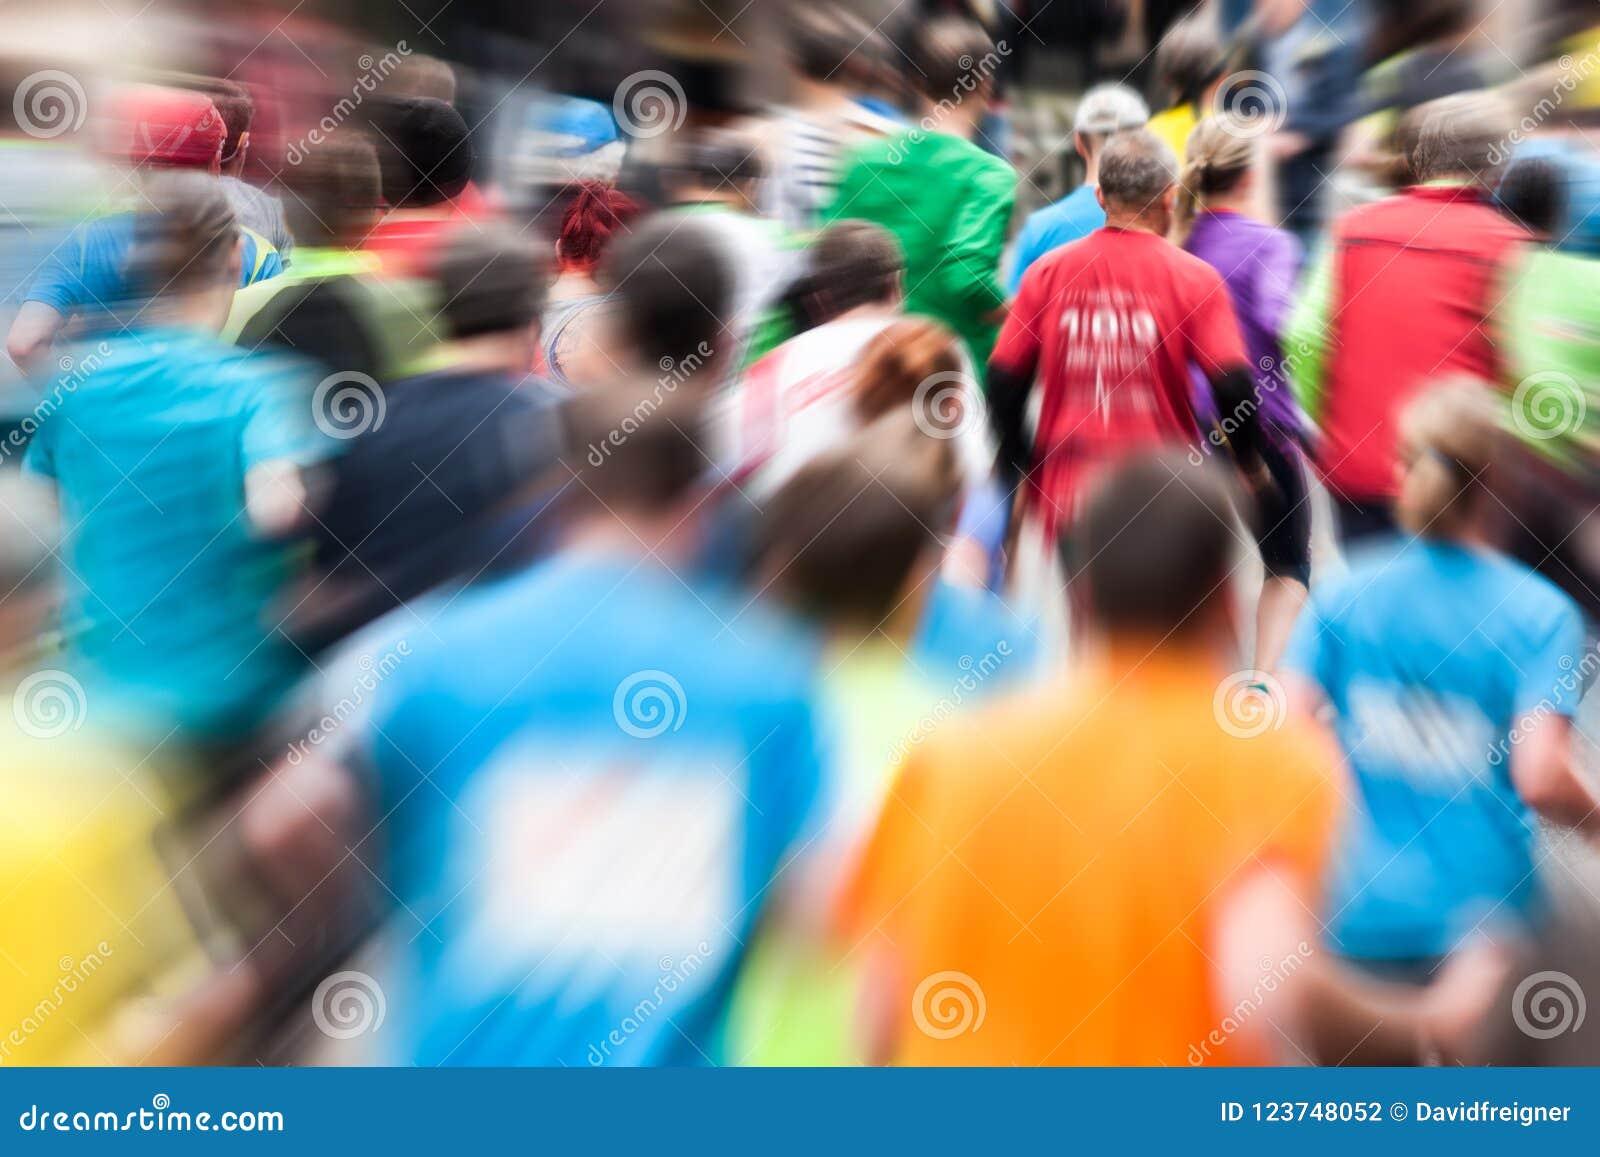 Corridori differenti alla maratona da dietro